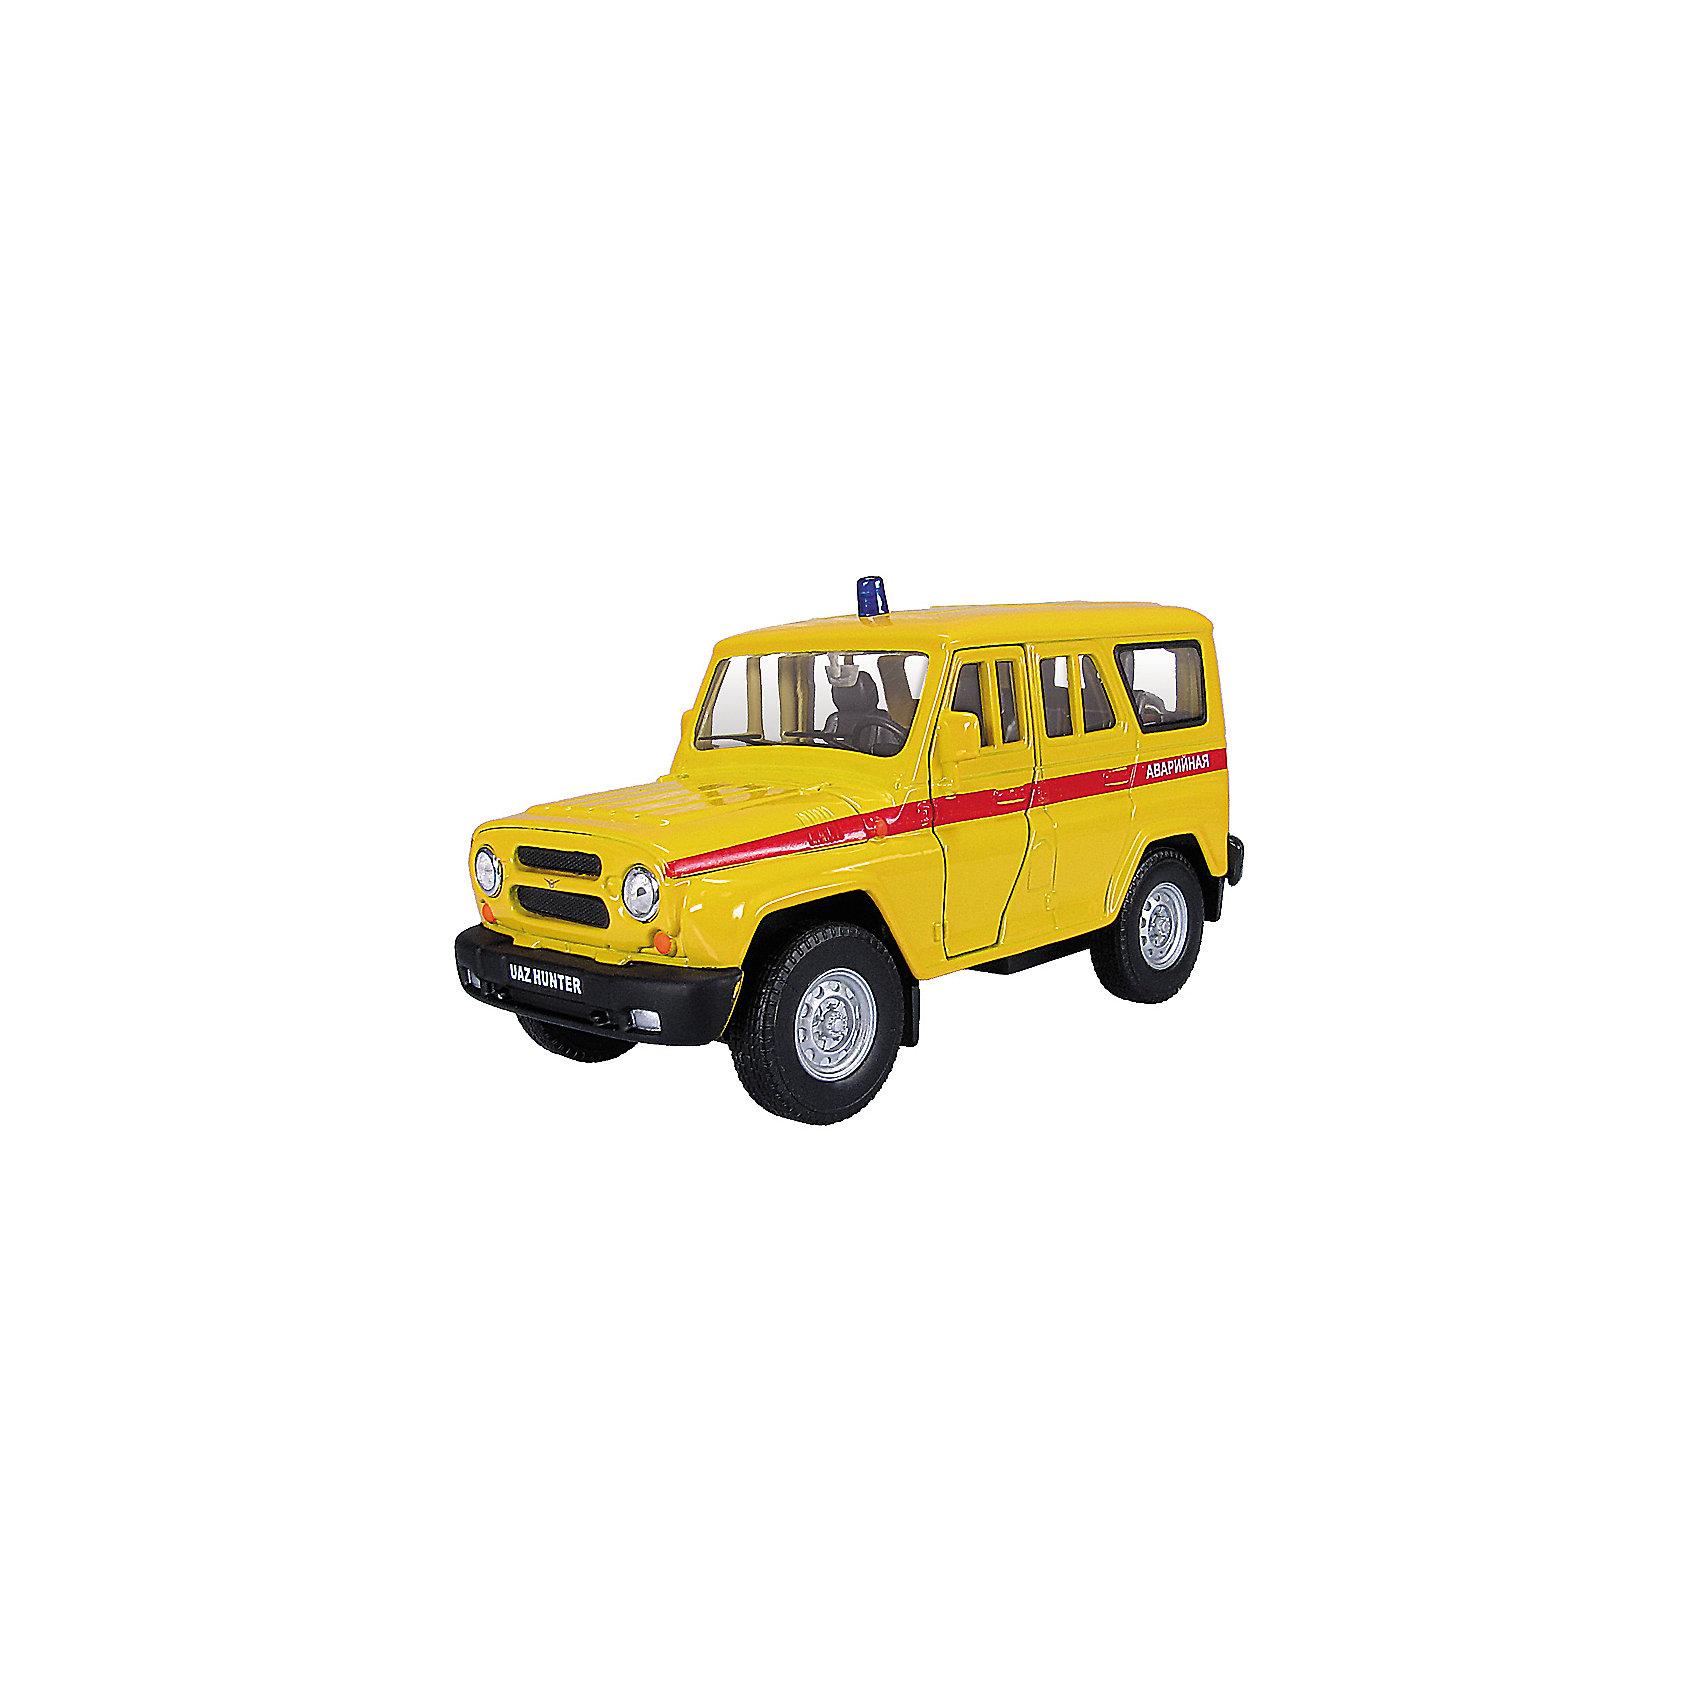 Машинка UAZ Hunter аварийная 1:36, AutotimeМашинки<br>Машинка UAZ Hunter аварийная 1:36, Autotime (Автотайм).<br><br>Характеристики:<br><br>• Масштаб 1:36<br>• Цвет: желтый<br>• Материал: металл, пластик<br>• Упаковка: картонная коробка блистерного типа<br>• Размер упаковки: 16,5x5,7x7,2 см.<br><br>Машинка UAZ Hunter аварийная от Autotime (Автотайм) является уменьшенной копией настоящего автомобиля. Модель отличается высокой степенью детализации. Автомобиль окрашен в желтый цвет, вдоль бортов проходит красная полоса с надписью Аварийная, на крыше имитация синей мигалки. Корпус машинки металлический с пластиковыми элементами. Передние двери открываются, что позволяет рассмотреть салон изнутри в деталях. Машинка оснащена инерционным механизмом. Машинка UAZ Hunter аварийная станет хорошим подарком и ребенку, и коллекционеру моделей автомобилей.<br><br>Машинку UAZ Hunter аварийную 1:36, Autotime (Автотайм) можно купить в нашем интернет-магазине.<br><br>Ширина мм: 165<br>Глубина мм: 57<br>Высота мм: 75<br>Вес г: 13<br>Возраст от месяцев: 36<br>Возраст до месяцев: 2147483647<br>Пол: Мужской<br>Возраст: Детский<br>SKU: 5583868